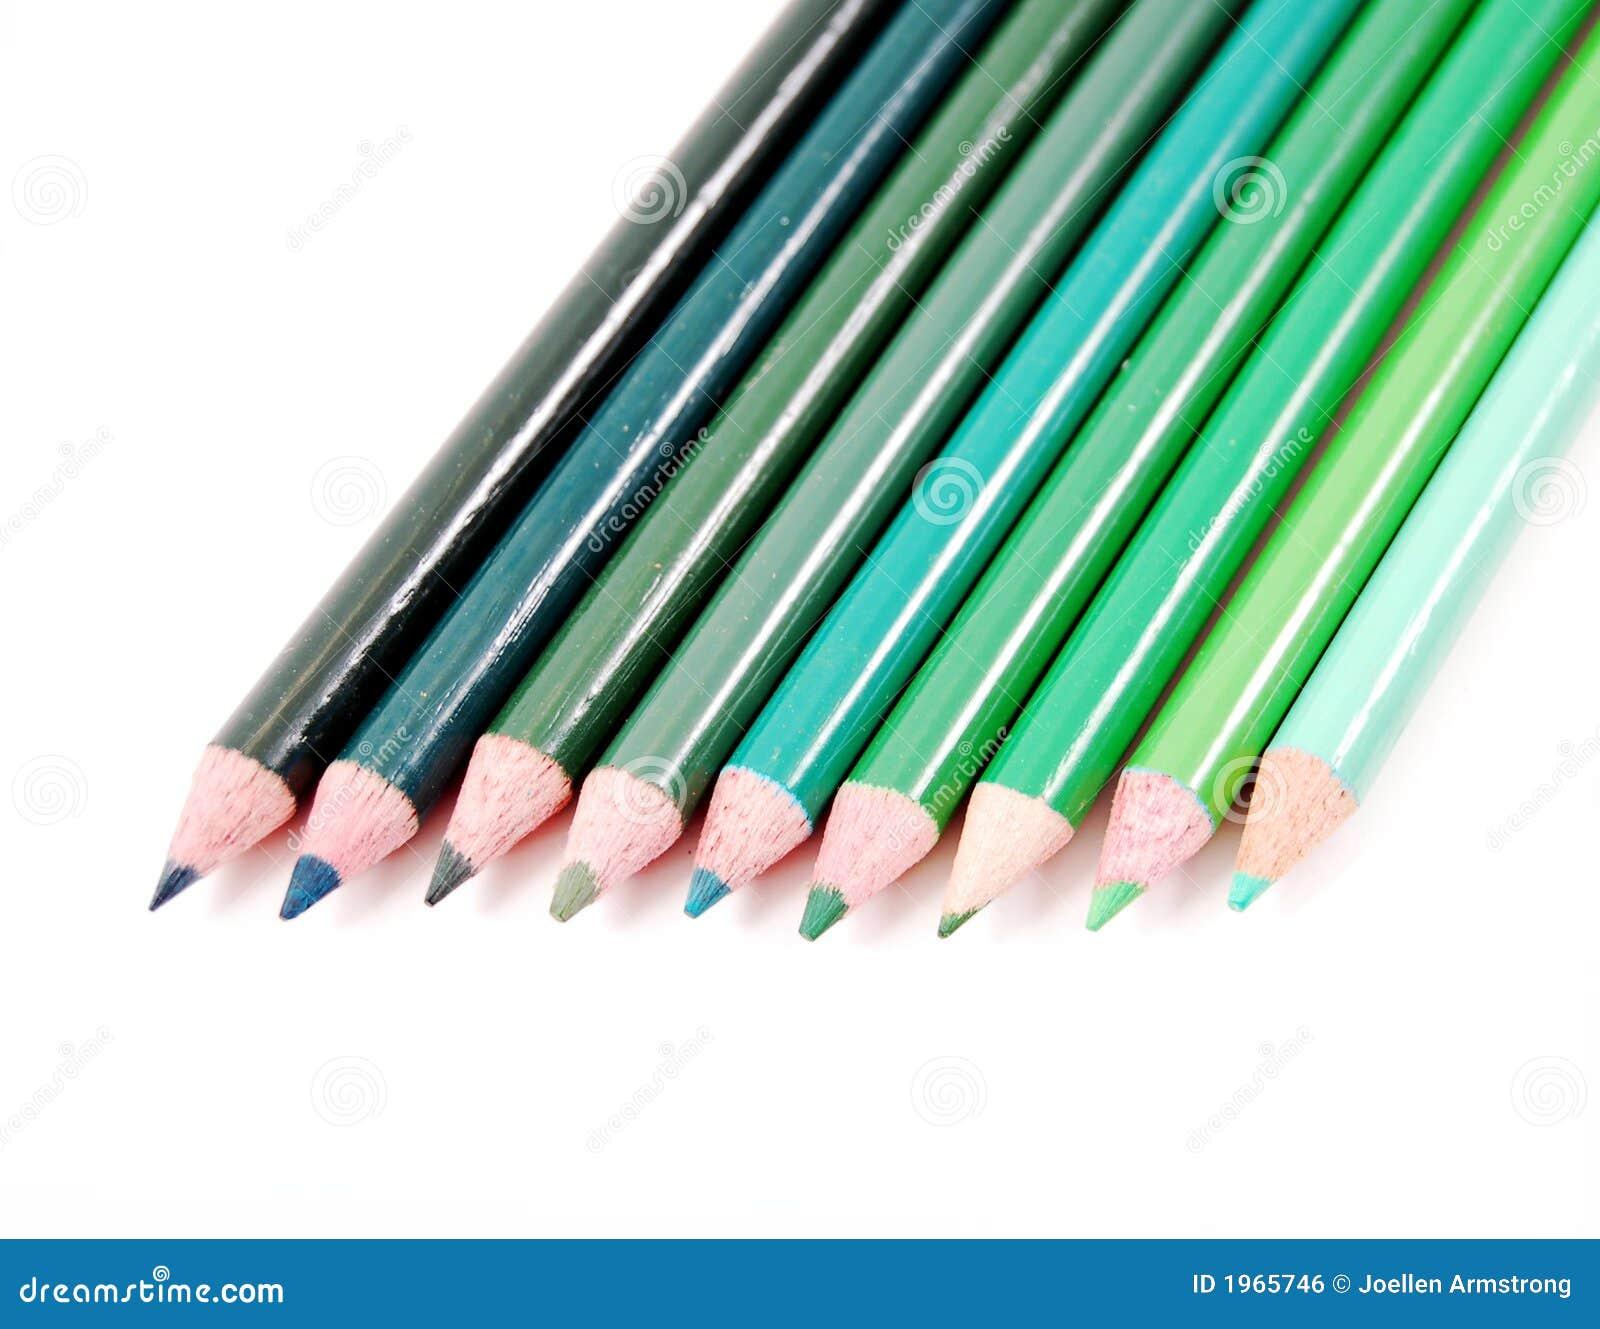 crayons de couleur verte image libre de droits image 1965746. Black Bedroom Furniture Sets. Home Design Ideas